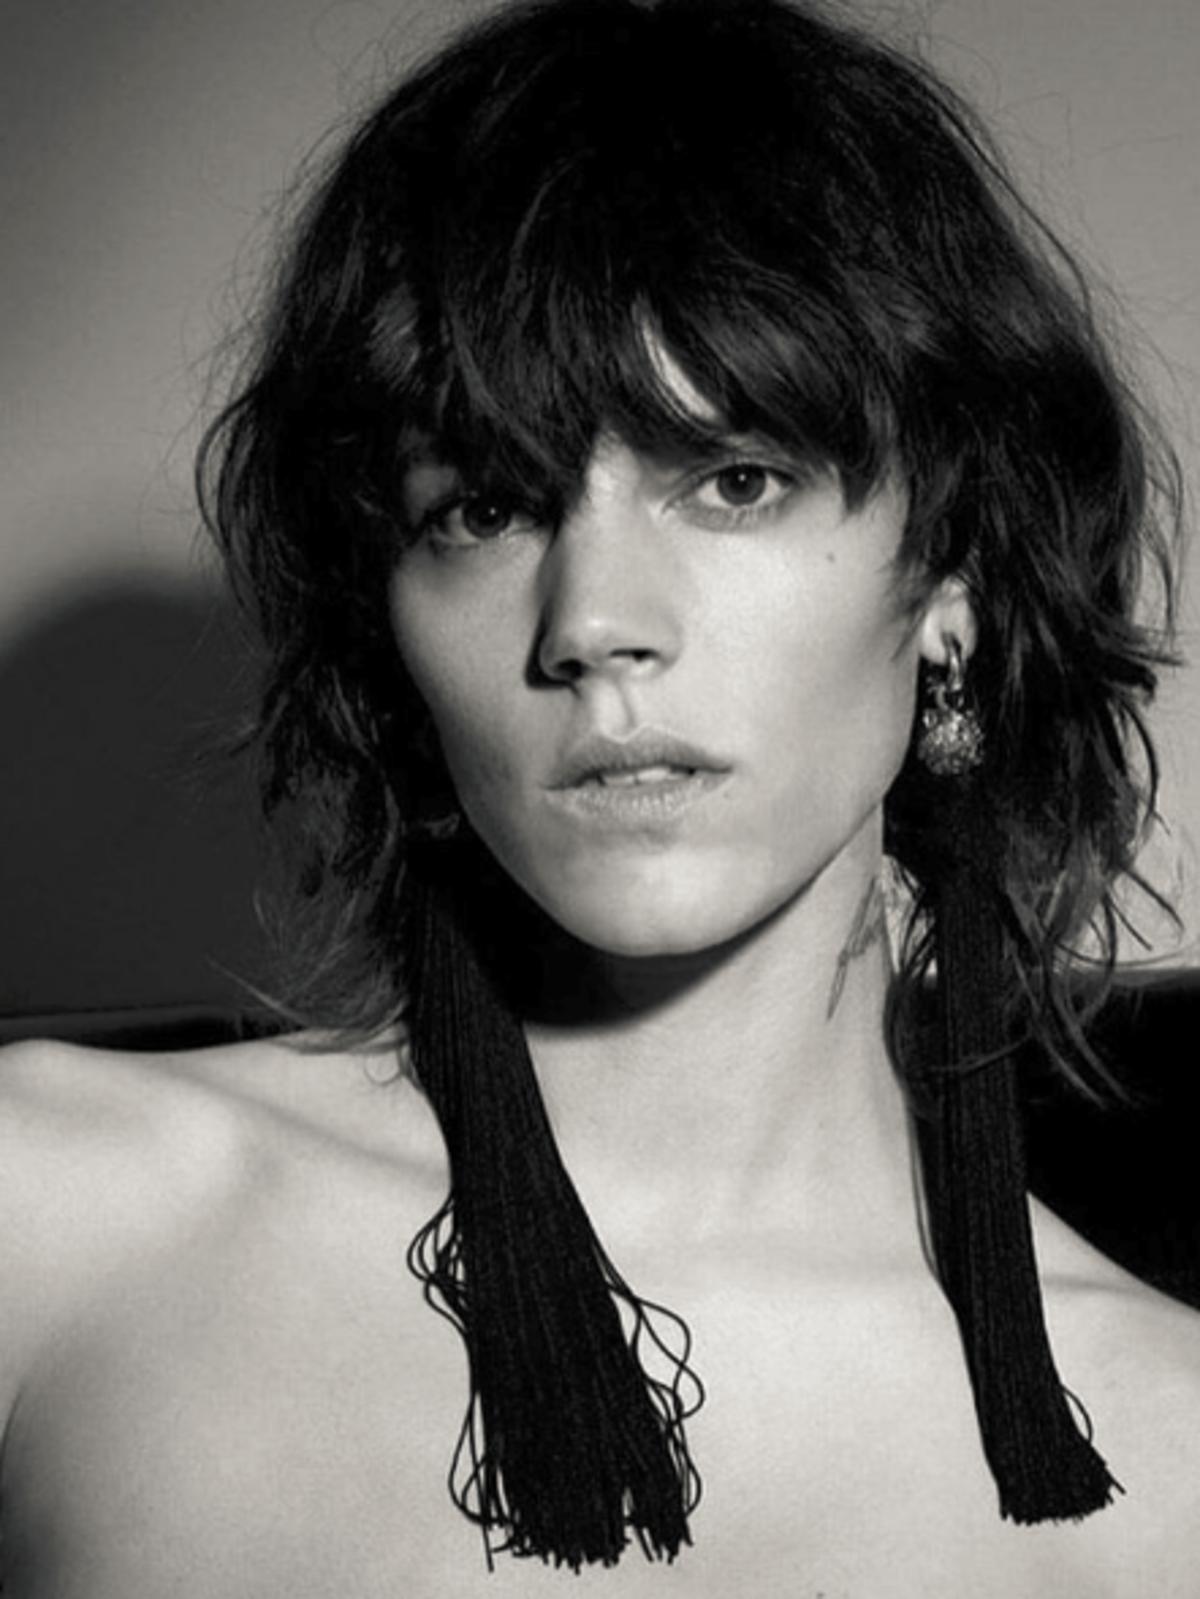 czarno-białe zdjęcie kobiety we fryzurze shaggy hair